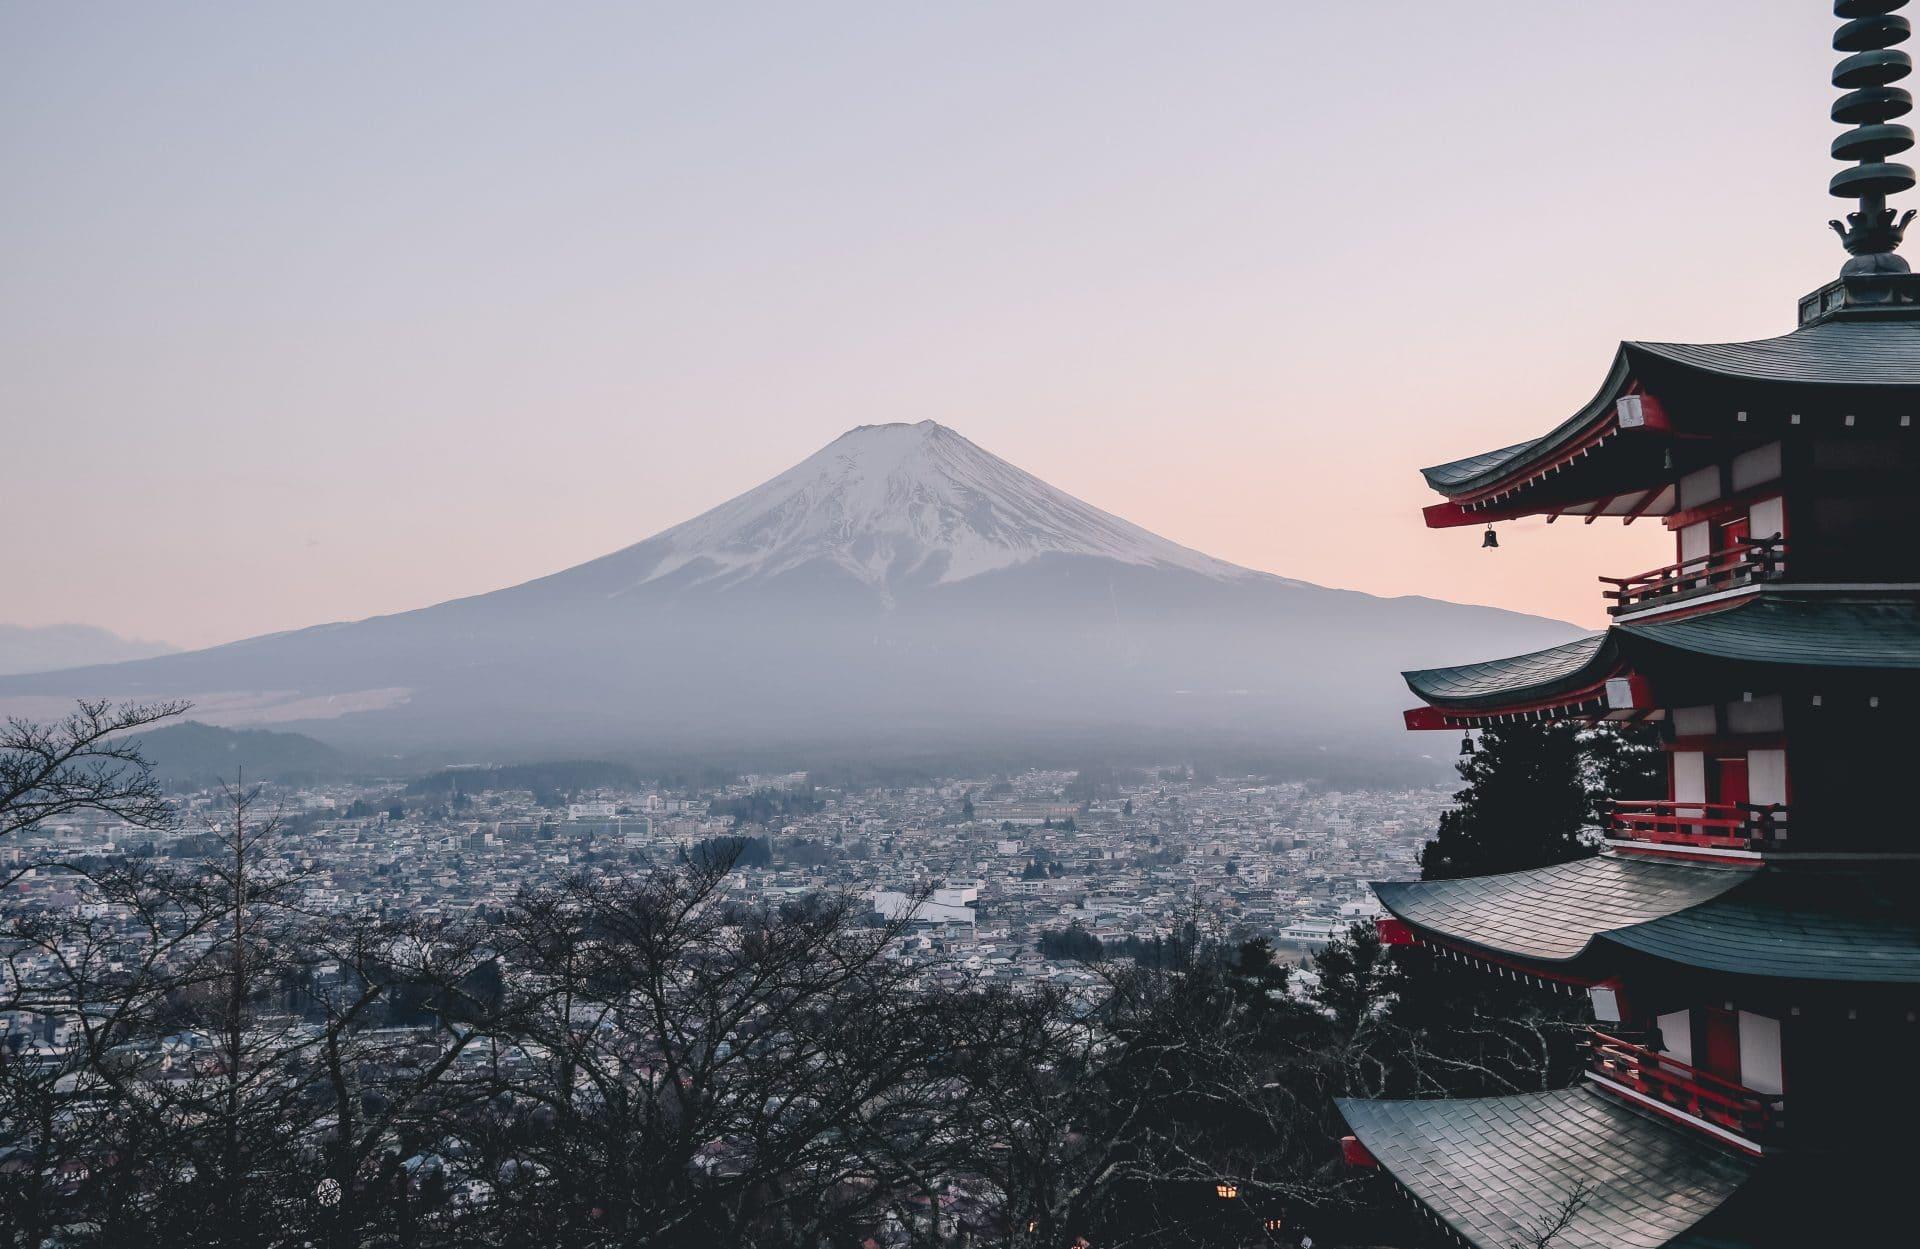 Japan-beschlie-t-vollst-ndige-Grenzschlie-ung-bis-Anfang-Februar